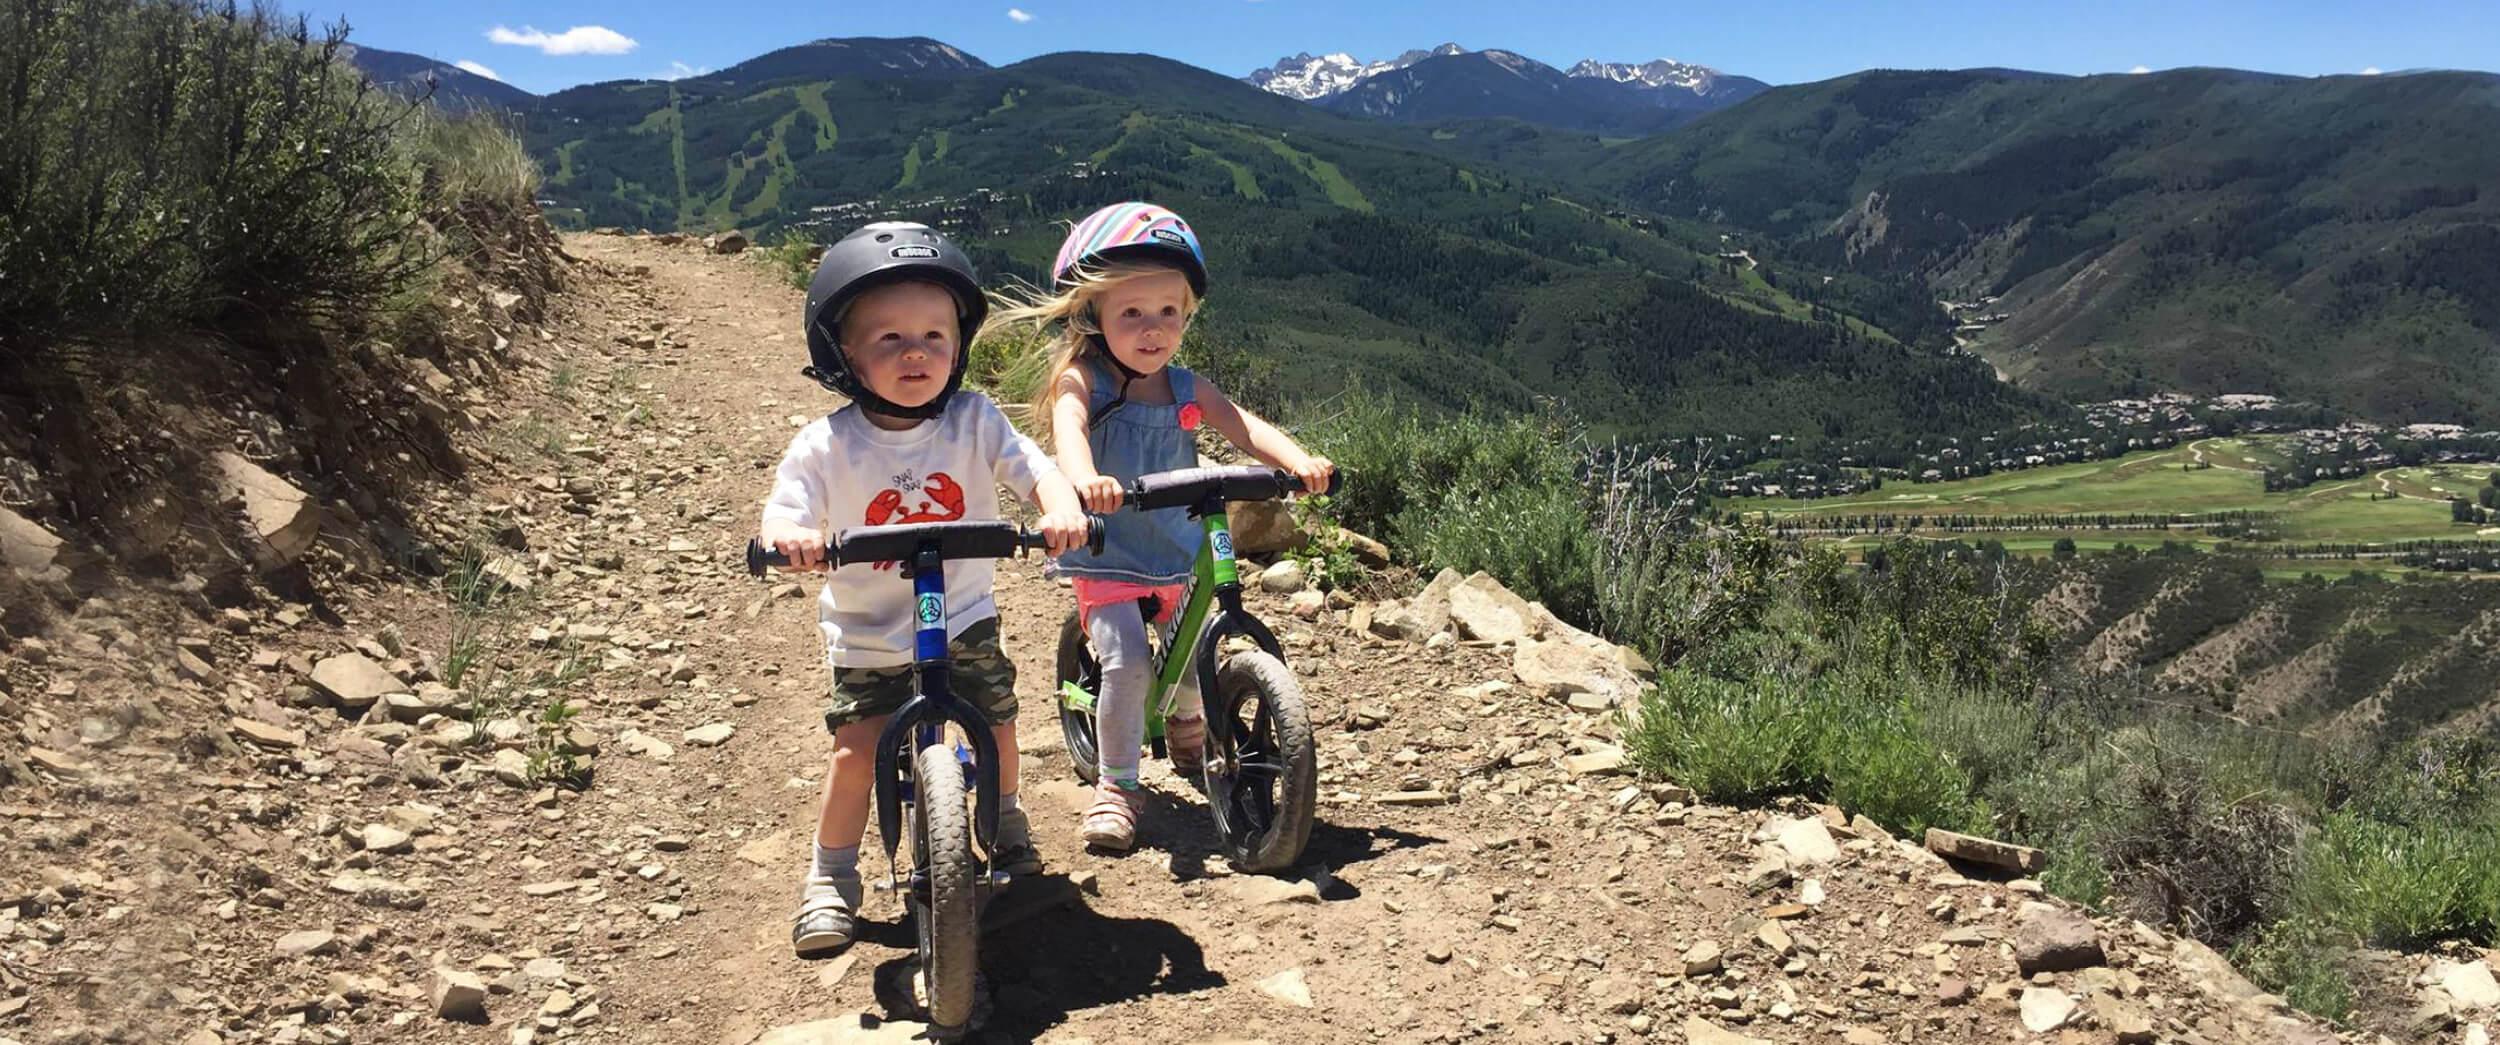 Kids riding Strider 12